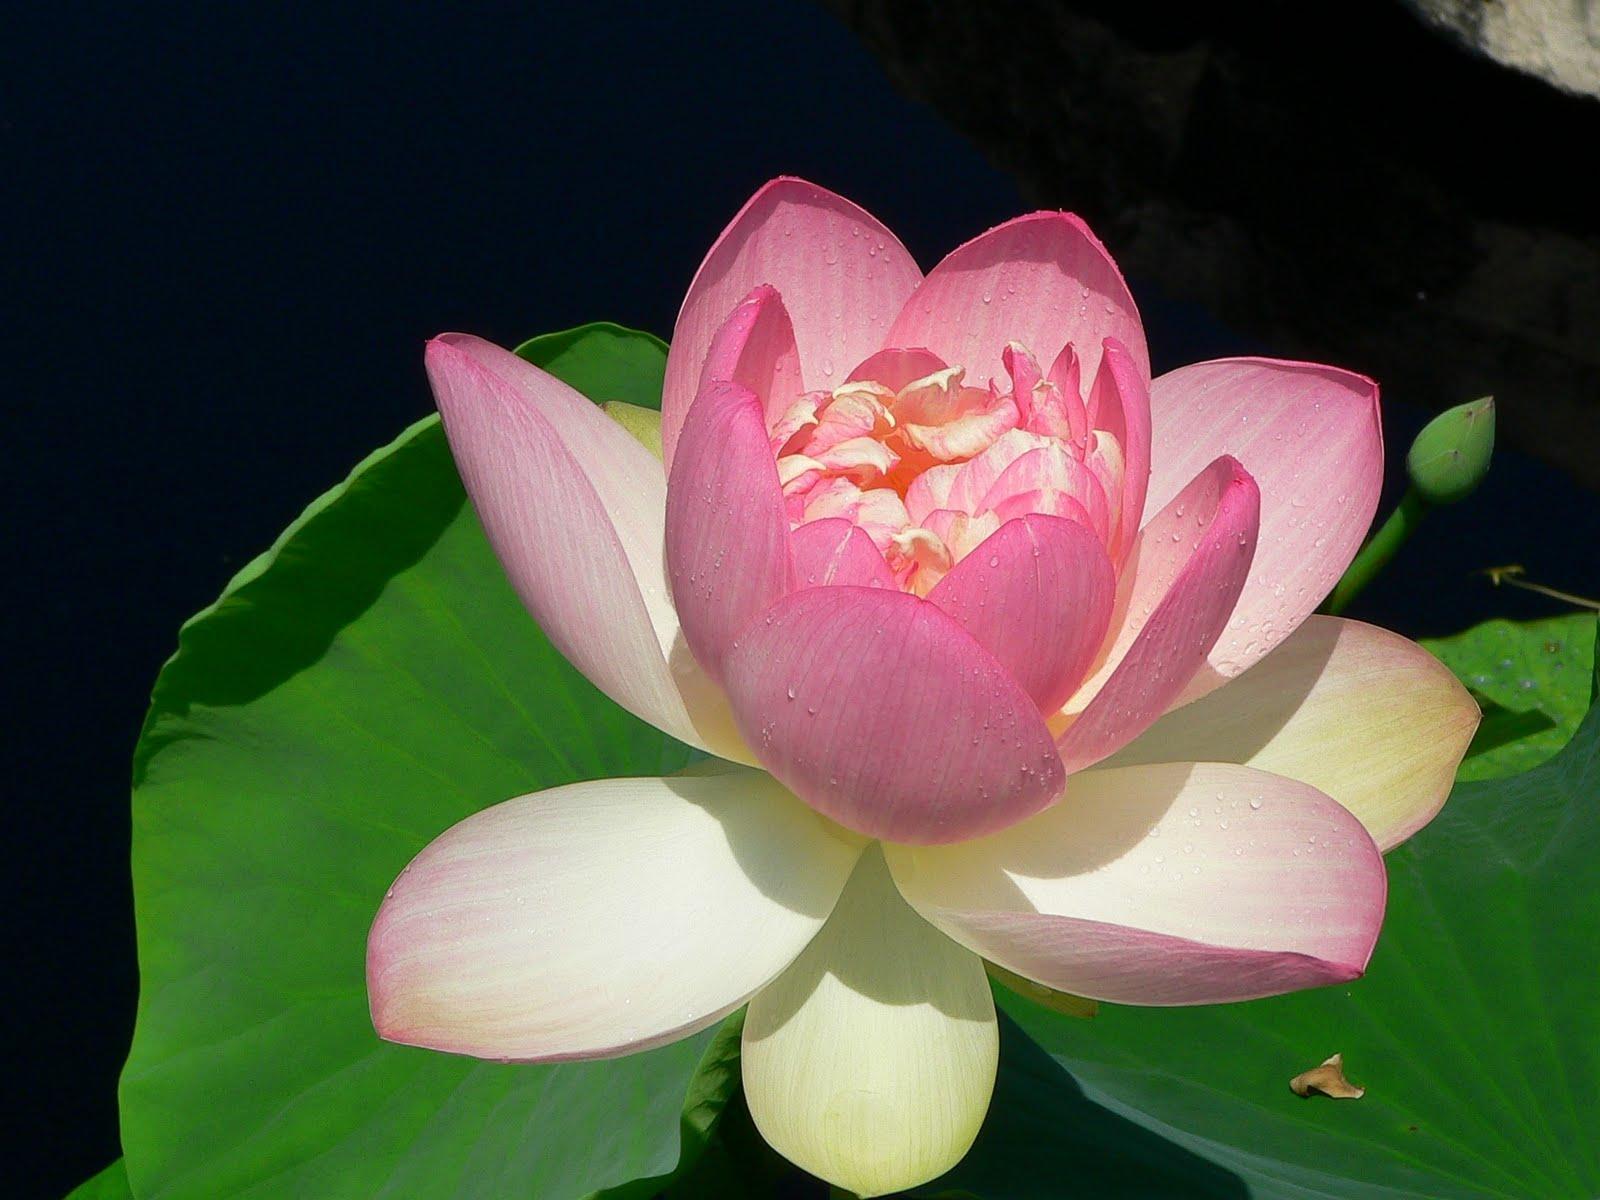 lotusflower.JPG 1,600×1,200 pixels